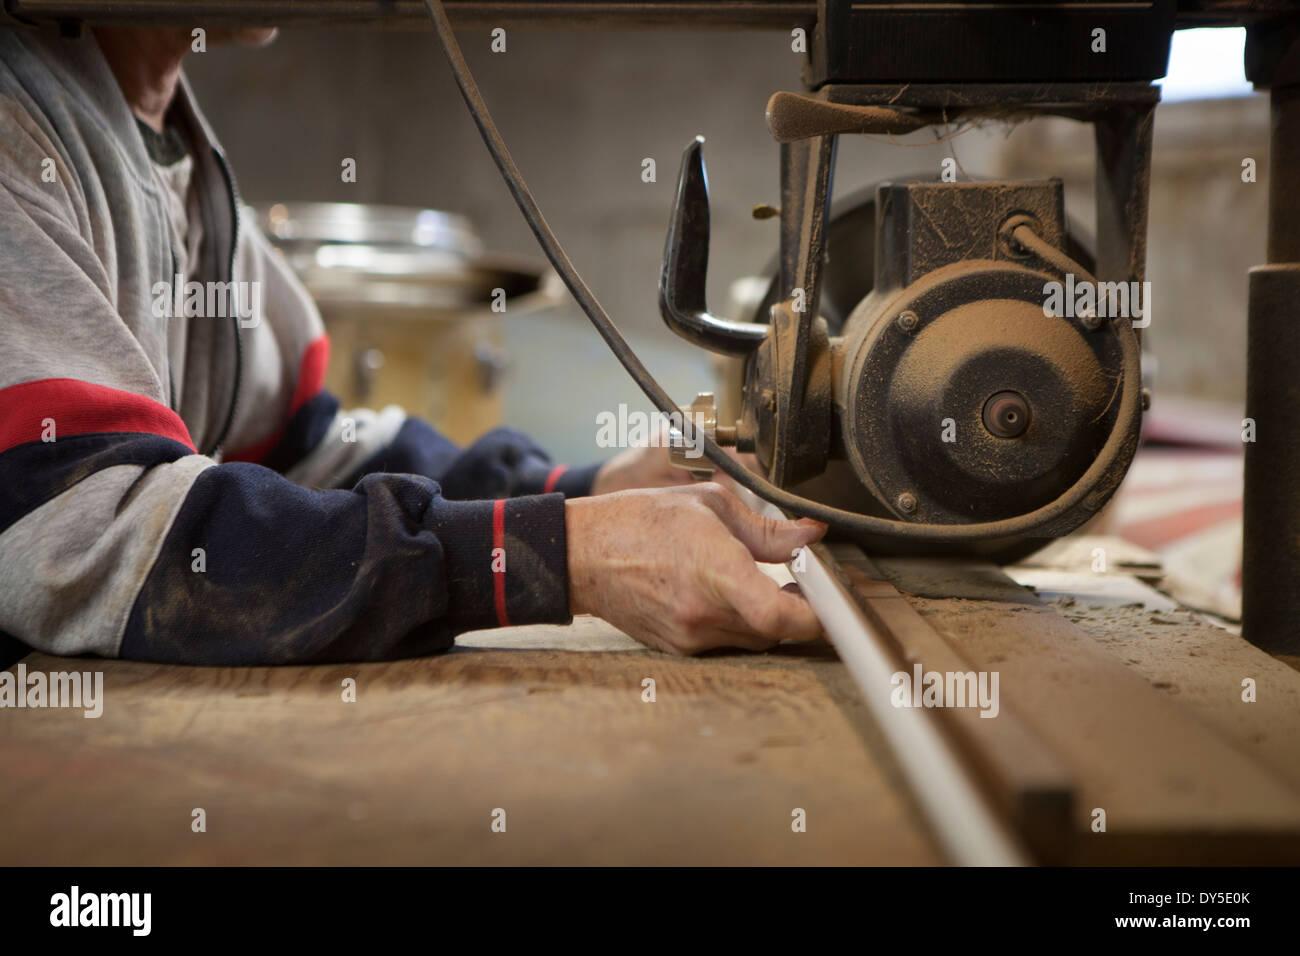 Ravvicinata di un uomo con il braccio radiale visto in officina Immagini Stock